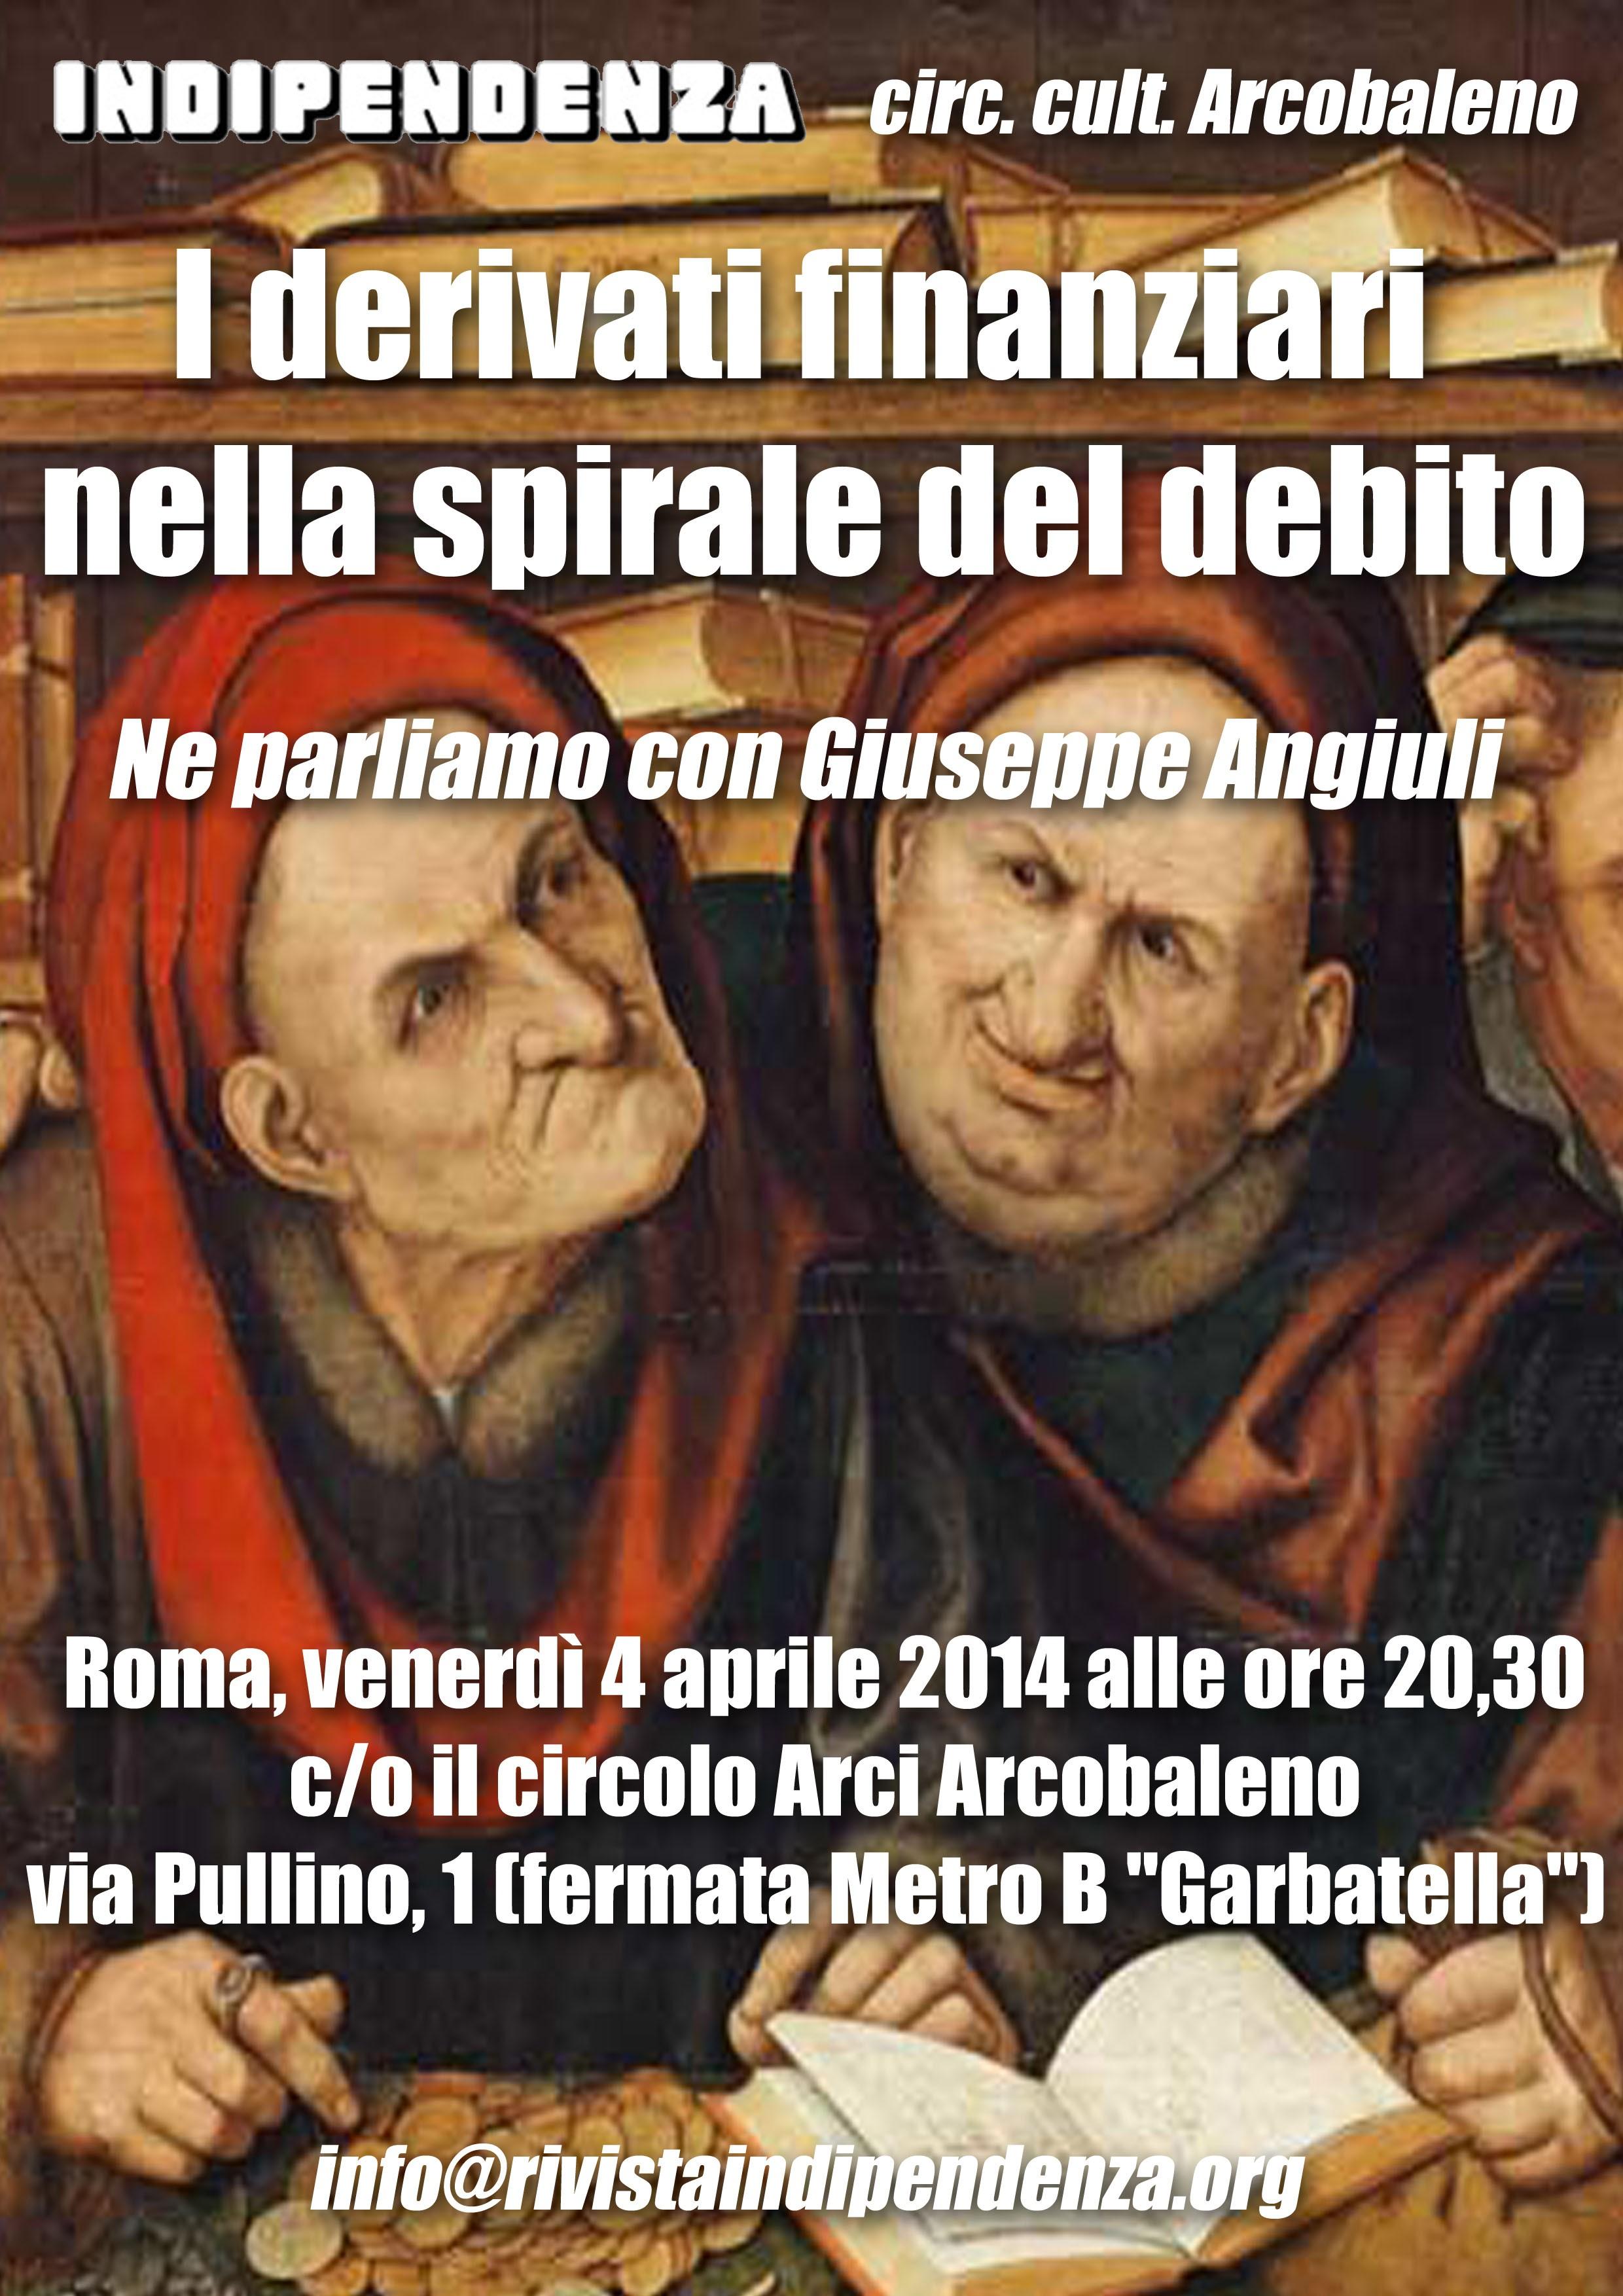 Locandina, Indipendenza. Roma 4 aprile 2014. Derivati